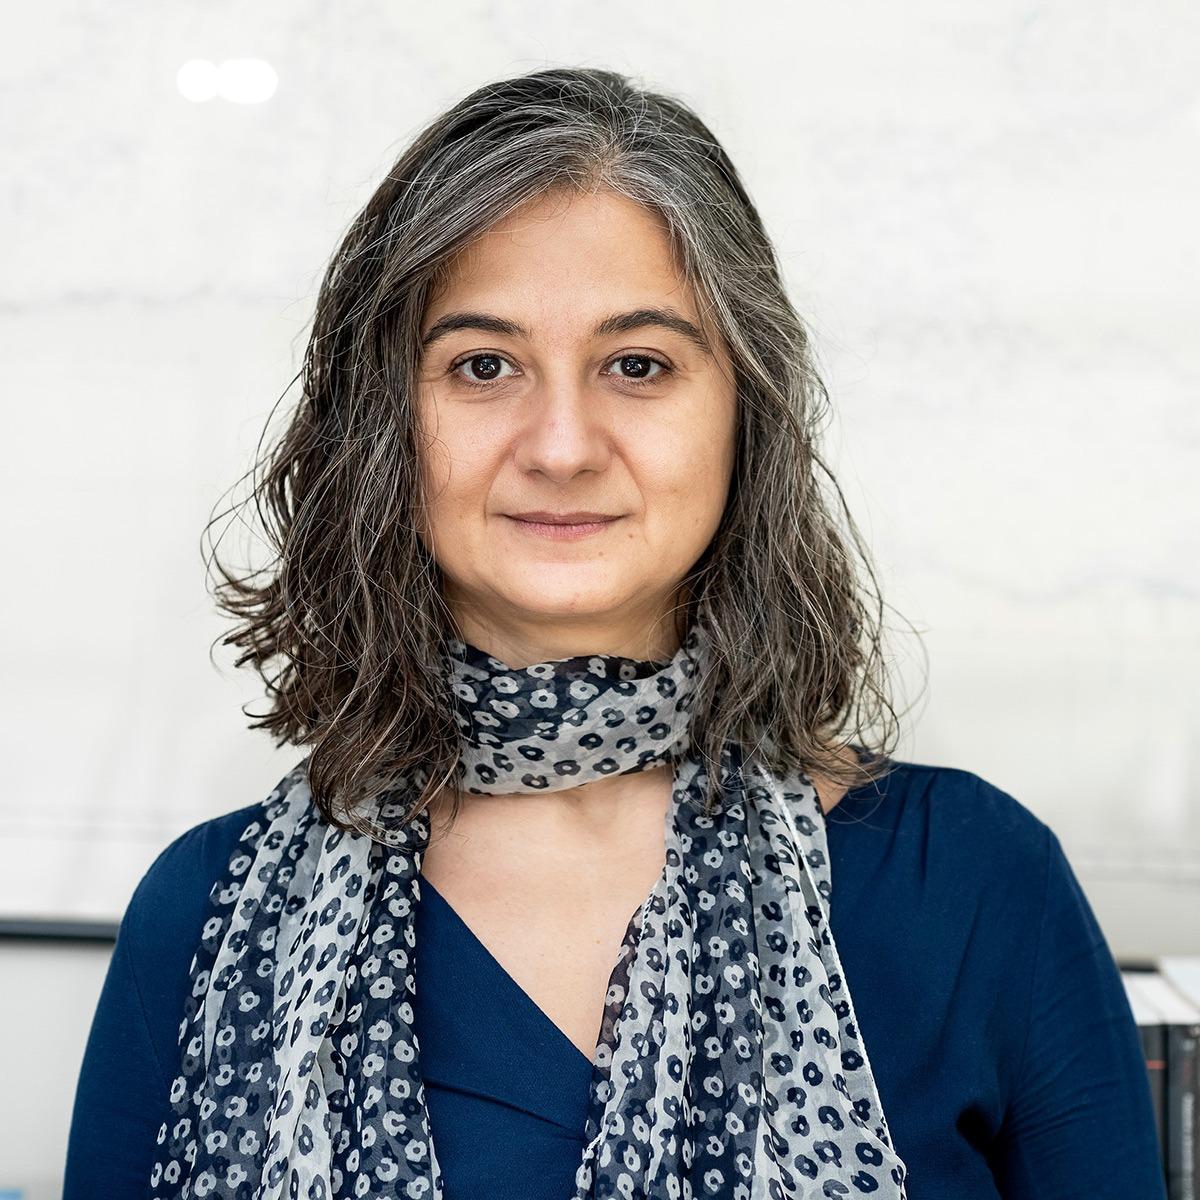 Elisabetta Ciuccarelli